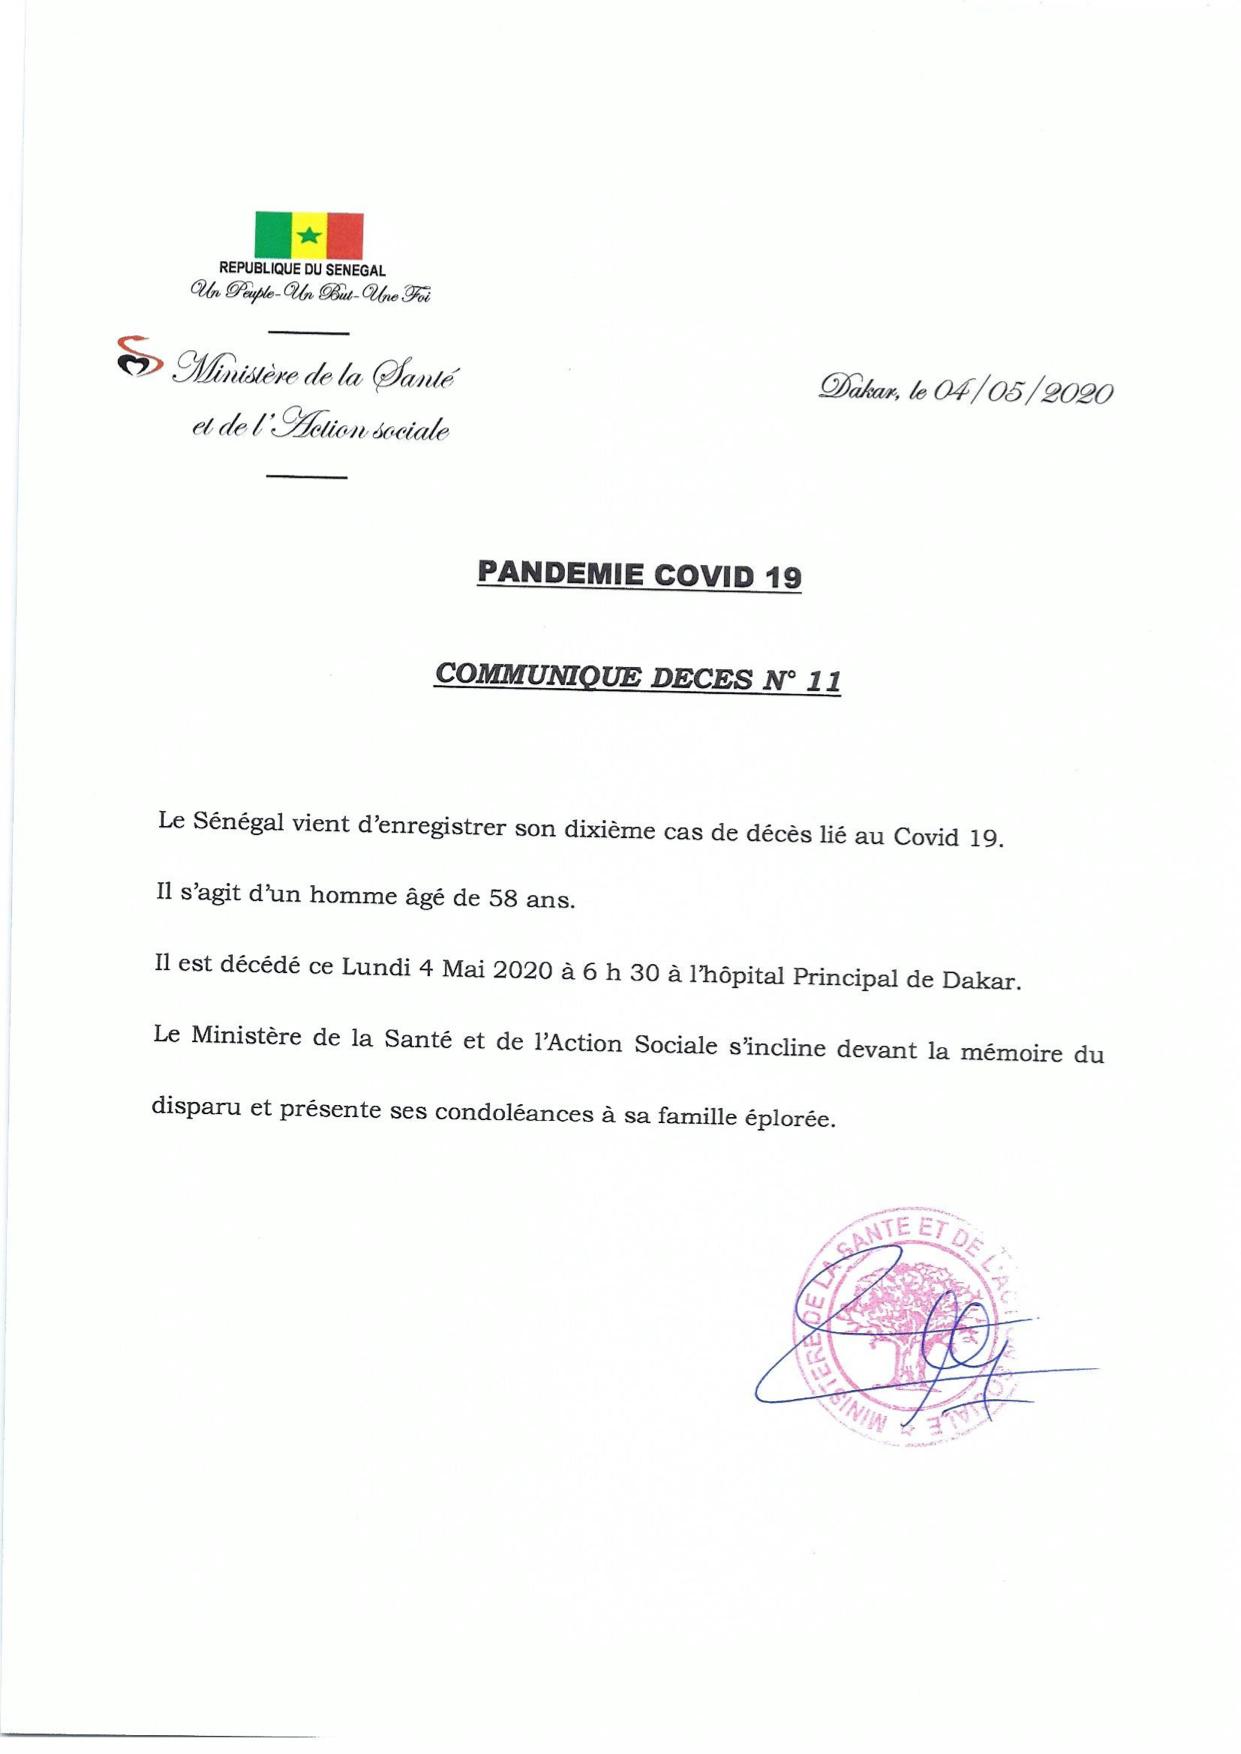 Rapport IGE 2016- Hôpital Principal de Dakar / l'État contracte une dette de plus de 20.000.000.000